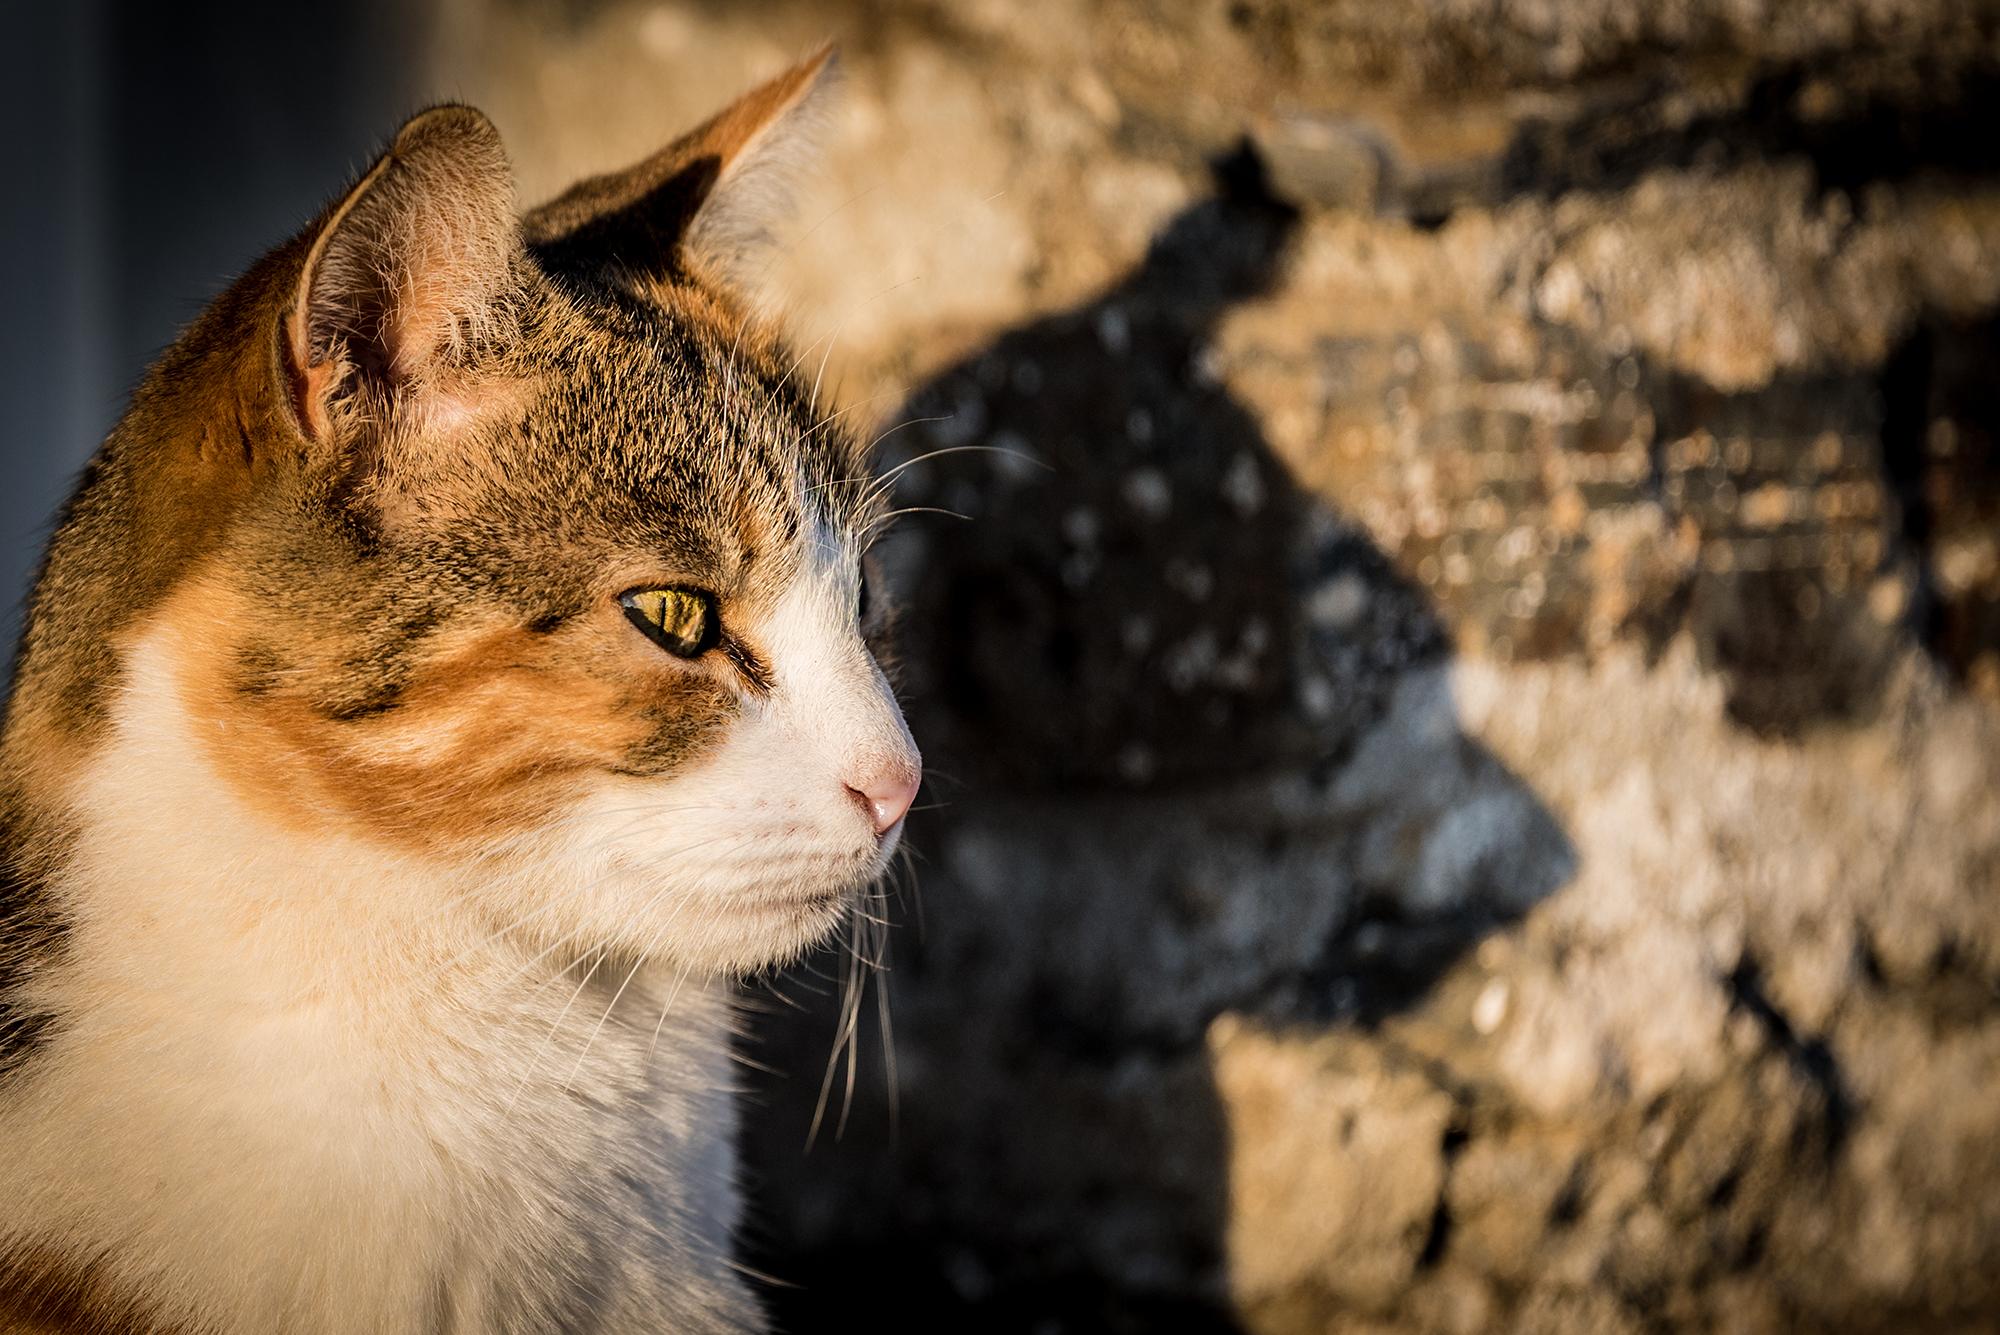 Photographie (portrait) de Plume (chat) réalisée par Baptiste Leroy, photographe en Bretagne